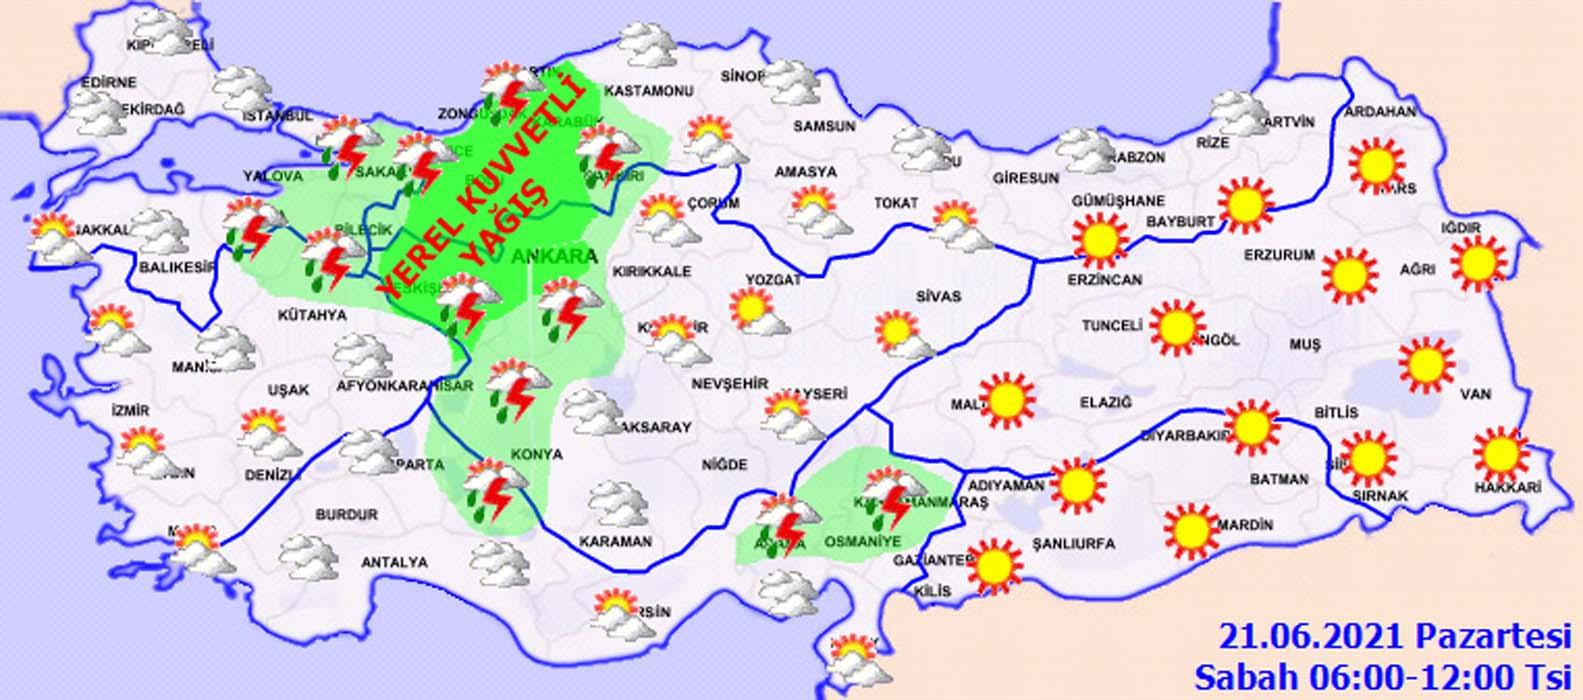 Meteoroloji'den su baskını, yıldırım ve dolu yağışı uyarısı! İstanbul, Ankara başta olmak üzere bir çok ilde hayat felç olacak!